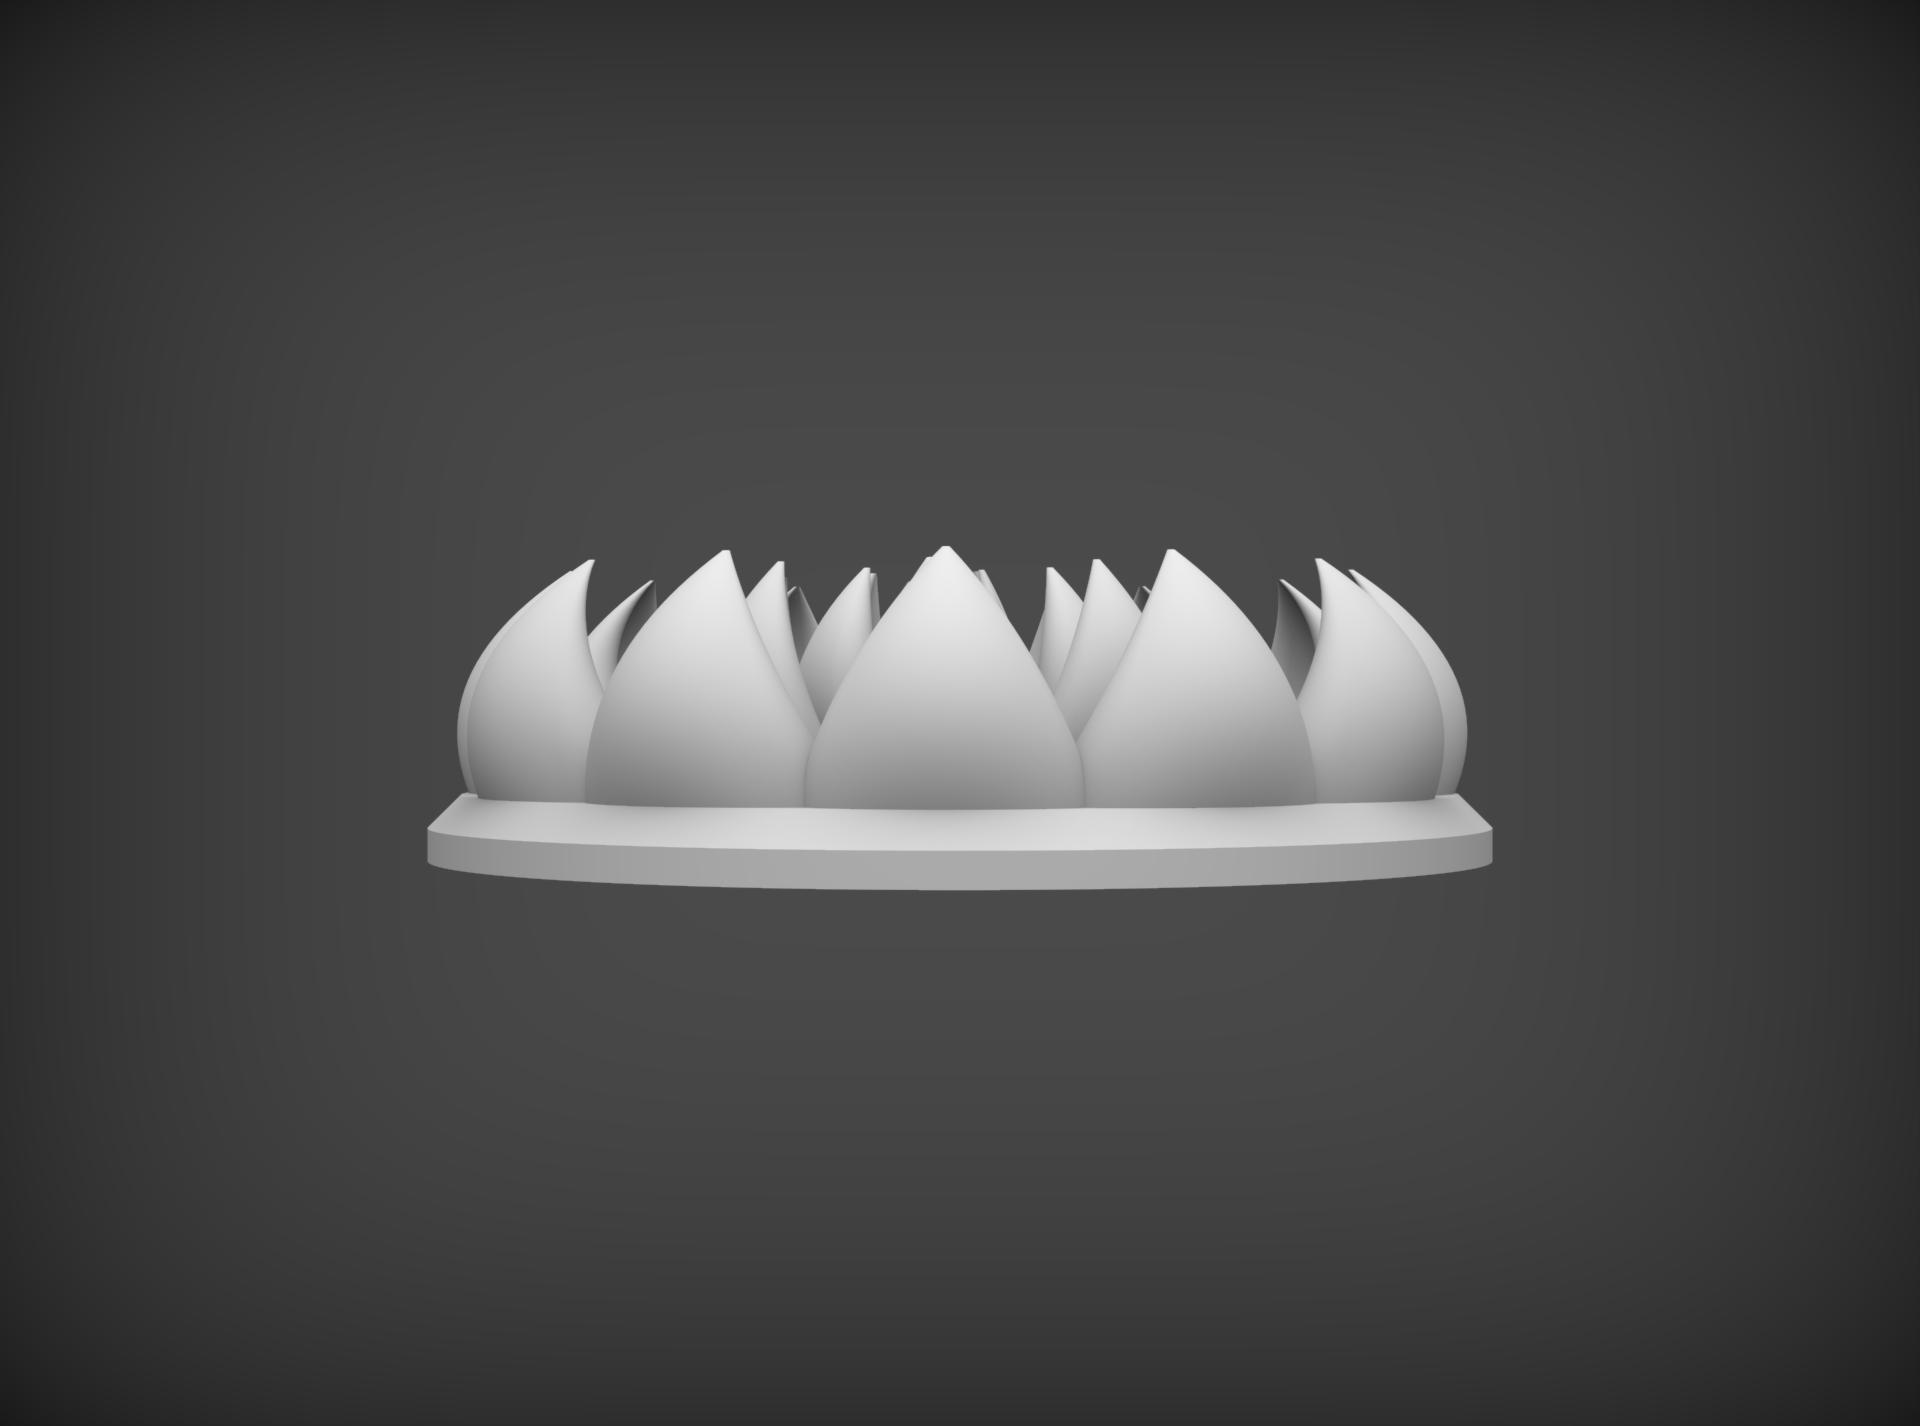 Сделать 3D модель массажного элемента формат STP/UG фото f_2555d2d9e53d033f.jpg